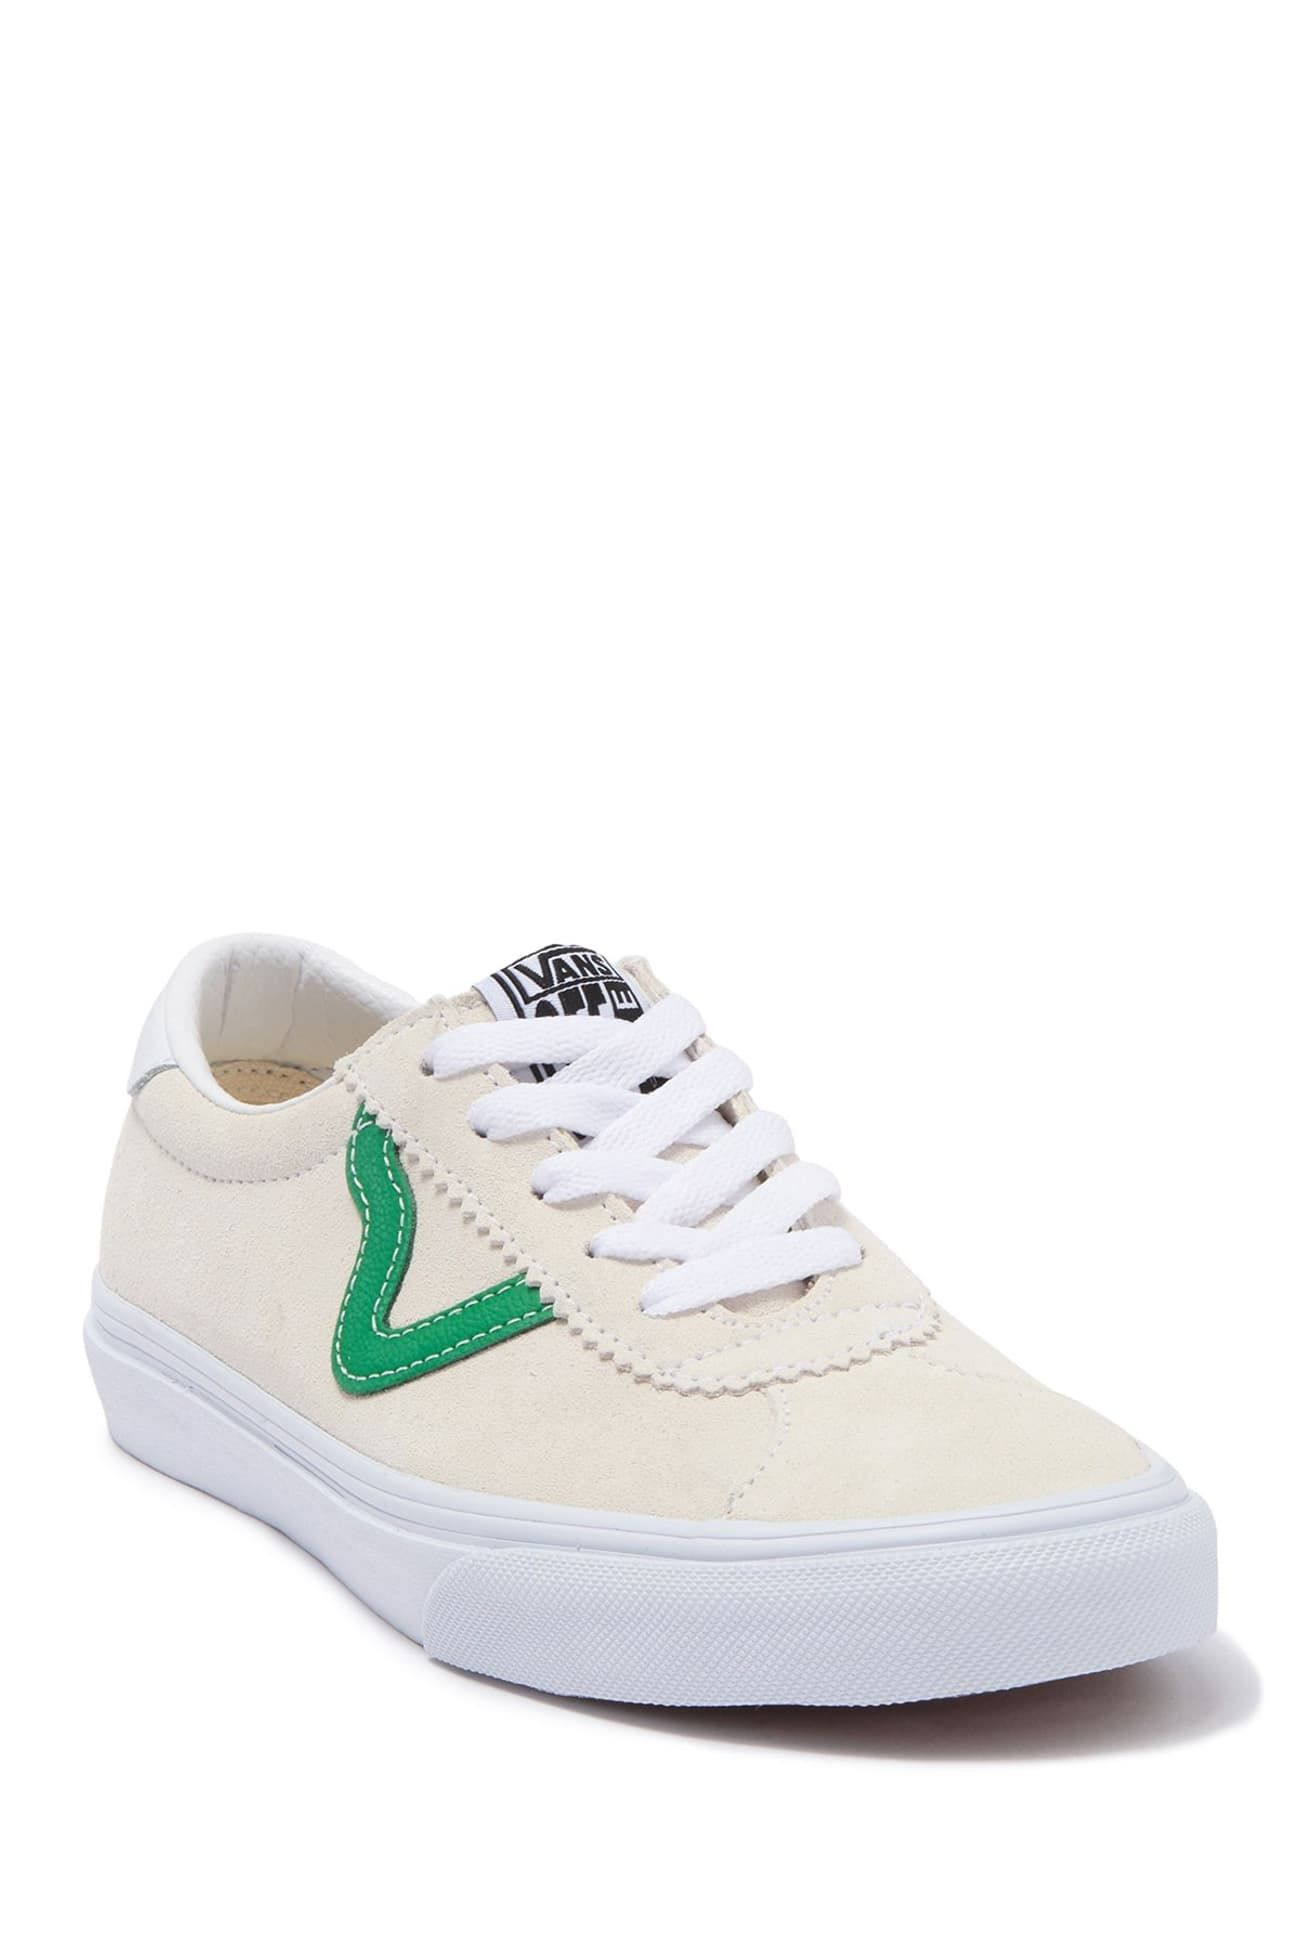 Black Friday Deals on Vans Sneakers